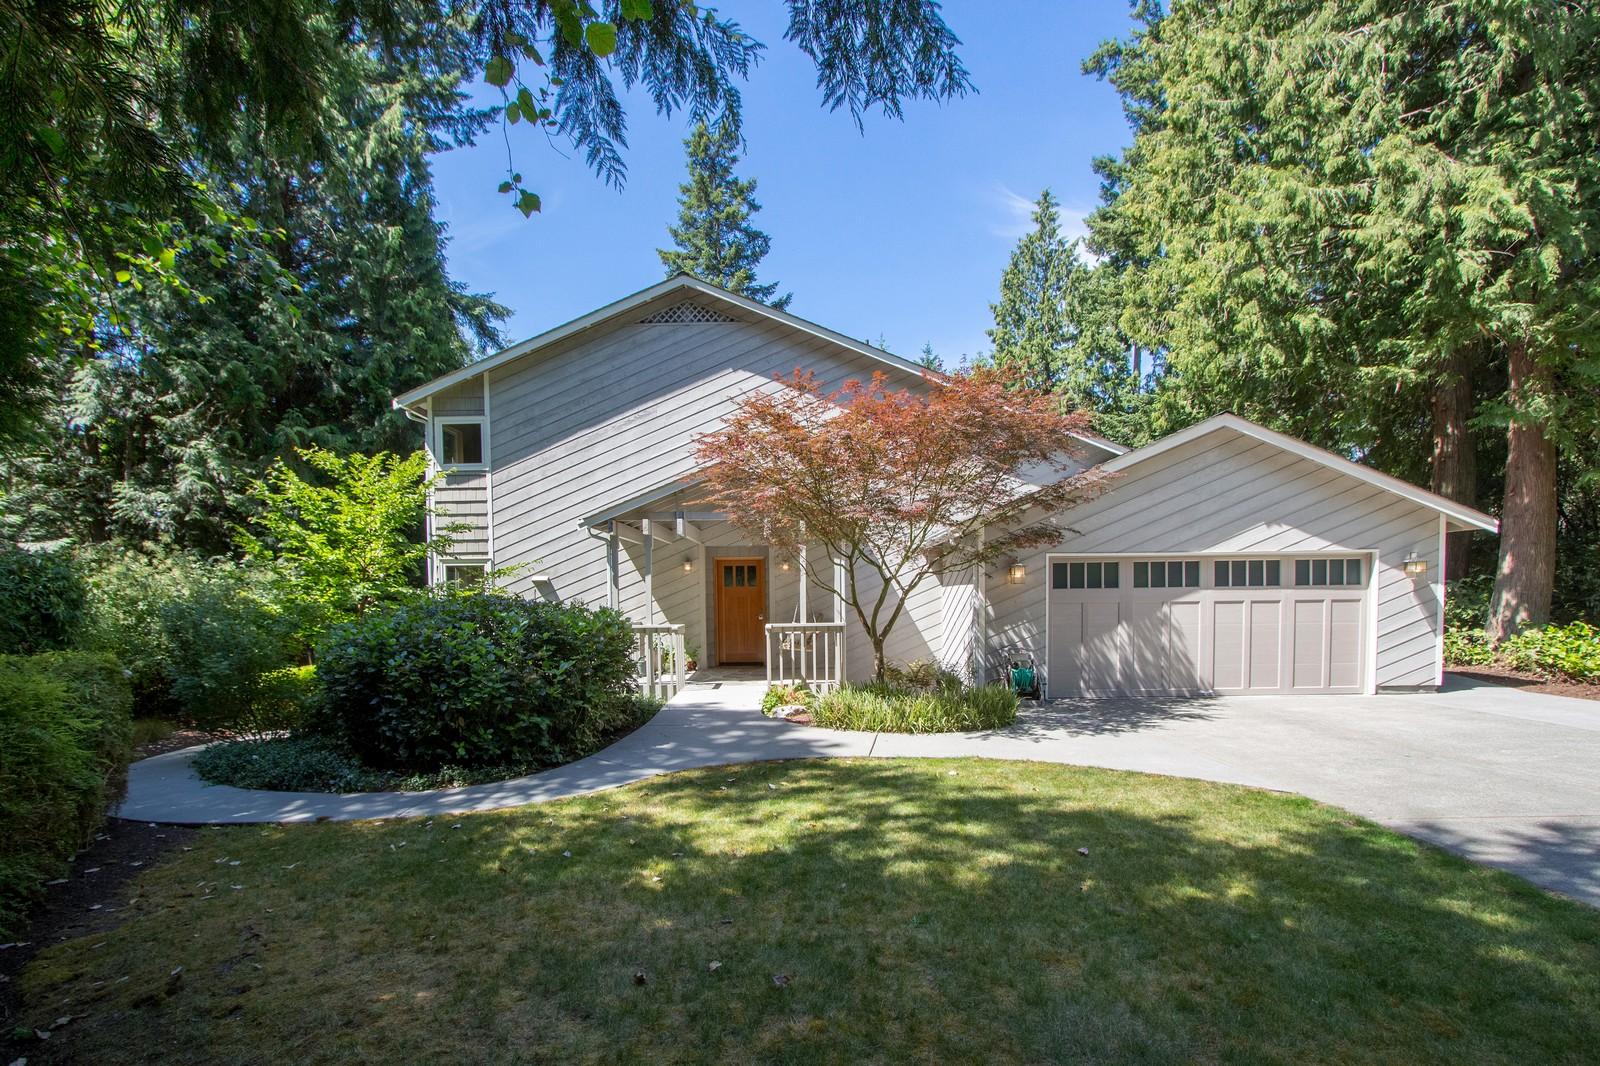 Maison unifamiliale pour l Vente à Lariat Loop 6050 NE Lariat Loop Bainbridge Island, Washington, 98110 États-Unis